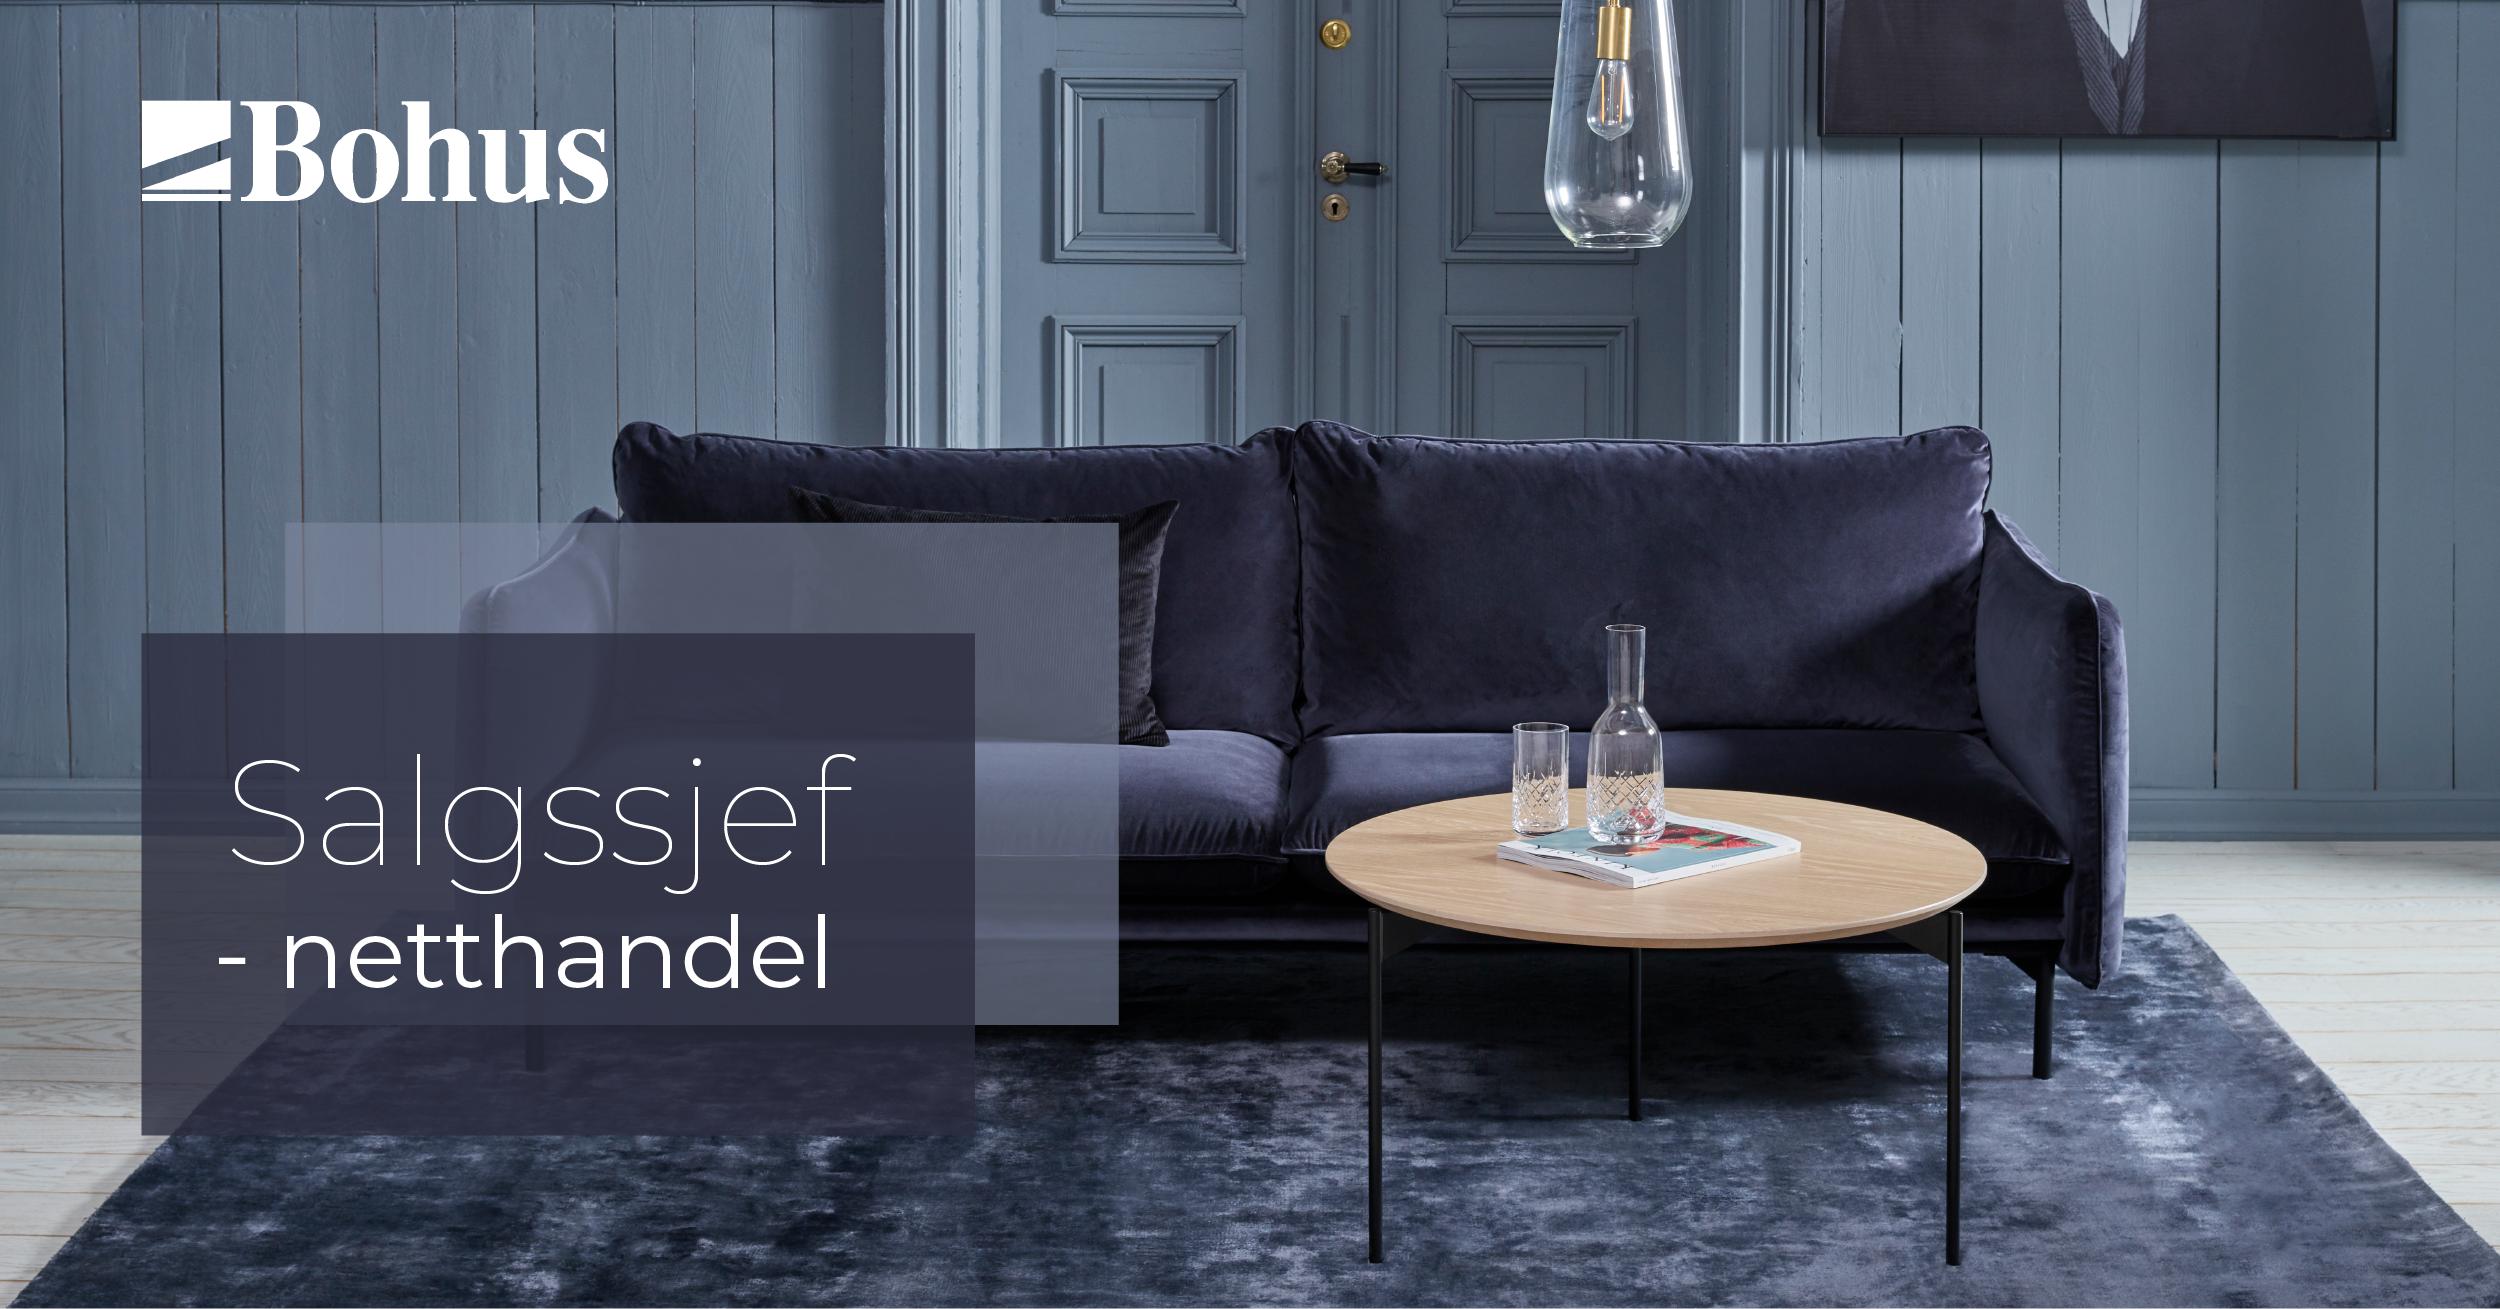 Vi søker Salgssjef Netthandel til Norges største møbelkjede!